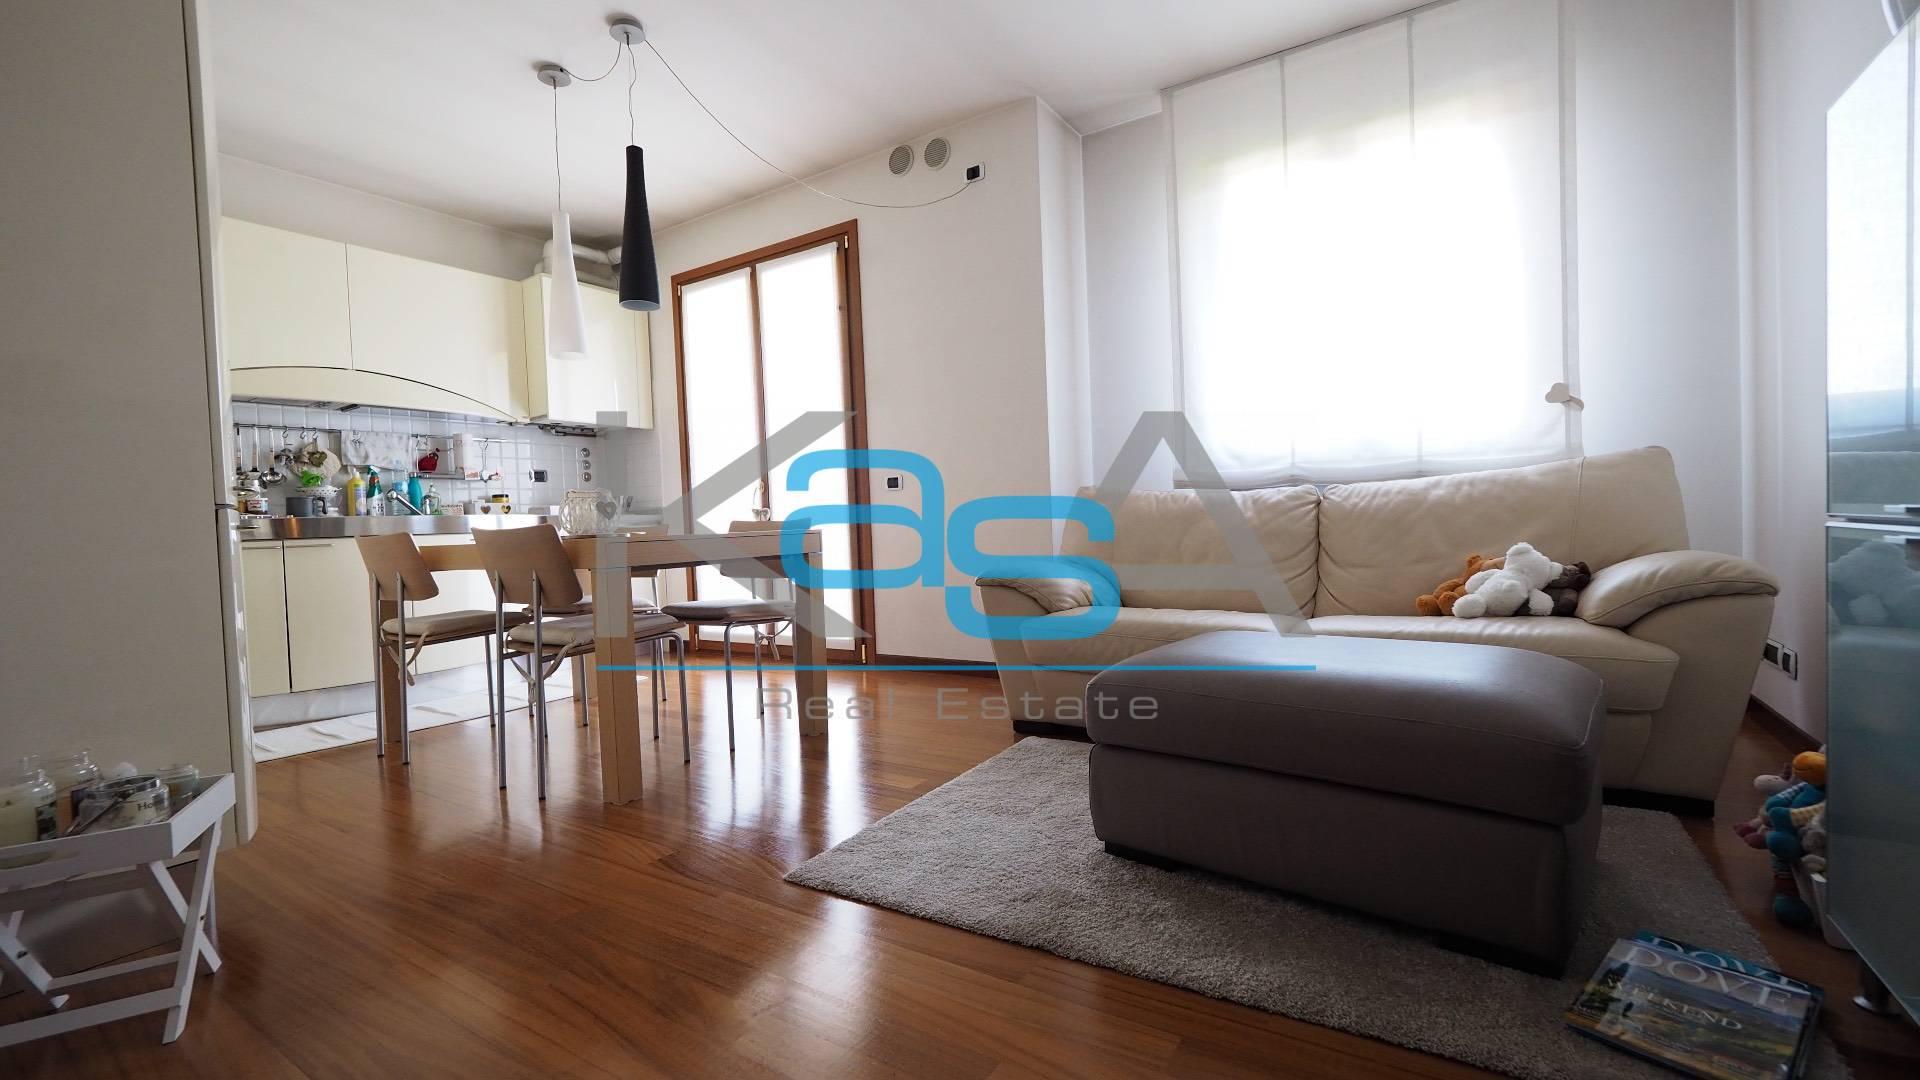 Appartamento in vendita a Ponzano Veneto, 2 locali, zona Zona: Ponzano, prezzo € 148.000 | CambioCasa.it